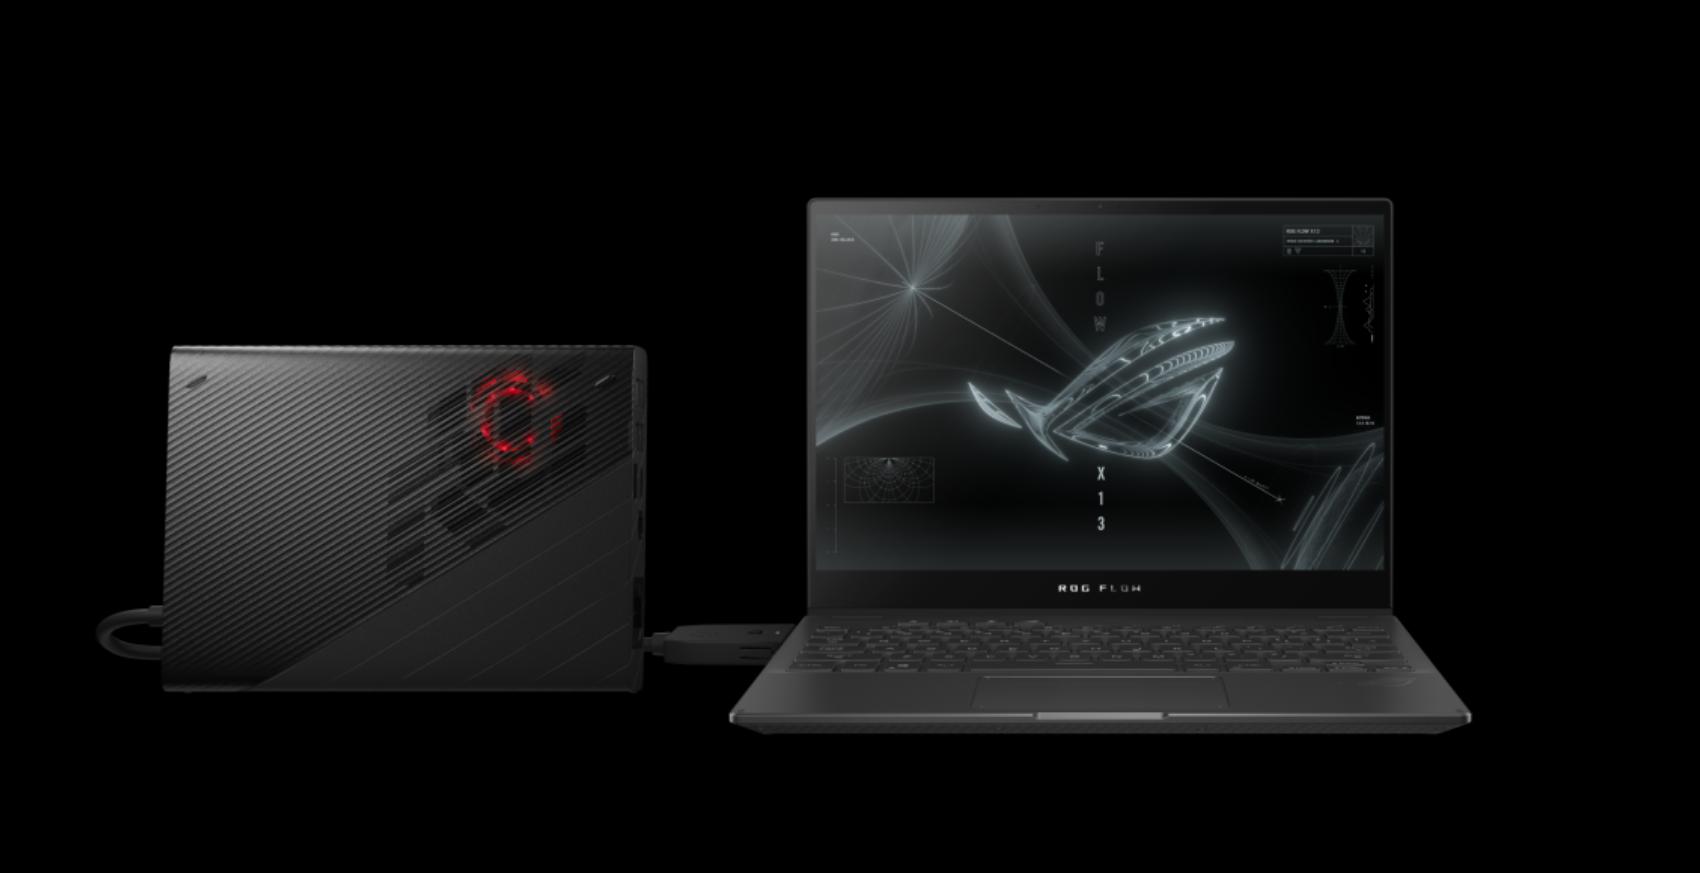 Revisión de ASUS ROG Flow X13: una tableta, una computadora de trabajo y una central eléctrica de trazado de rayos